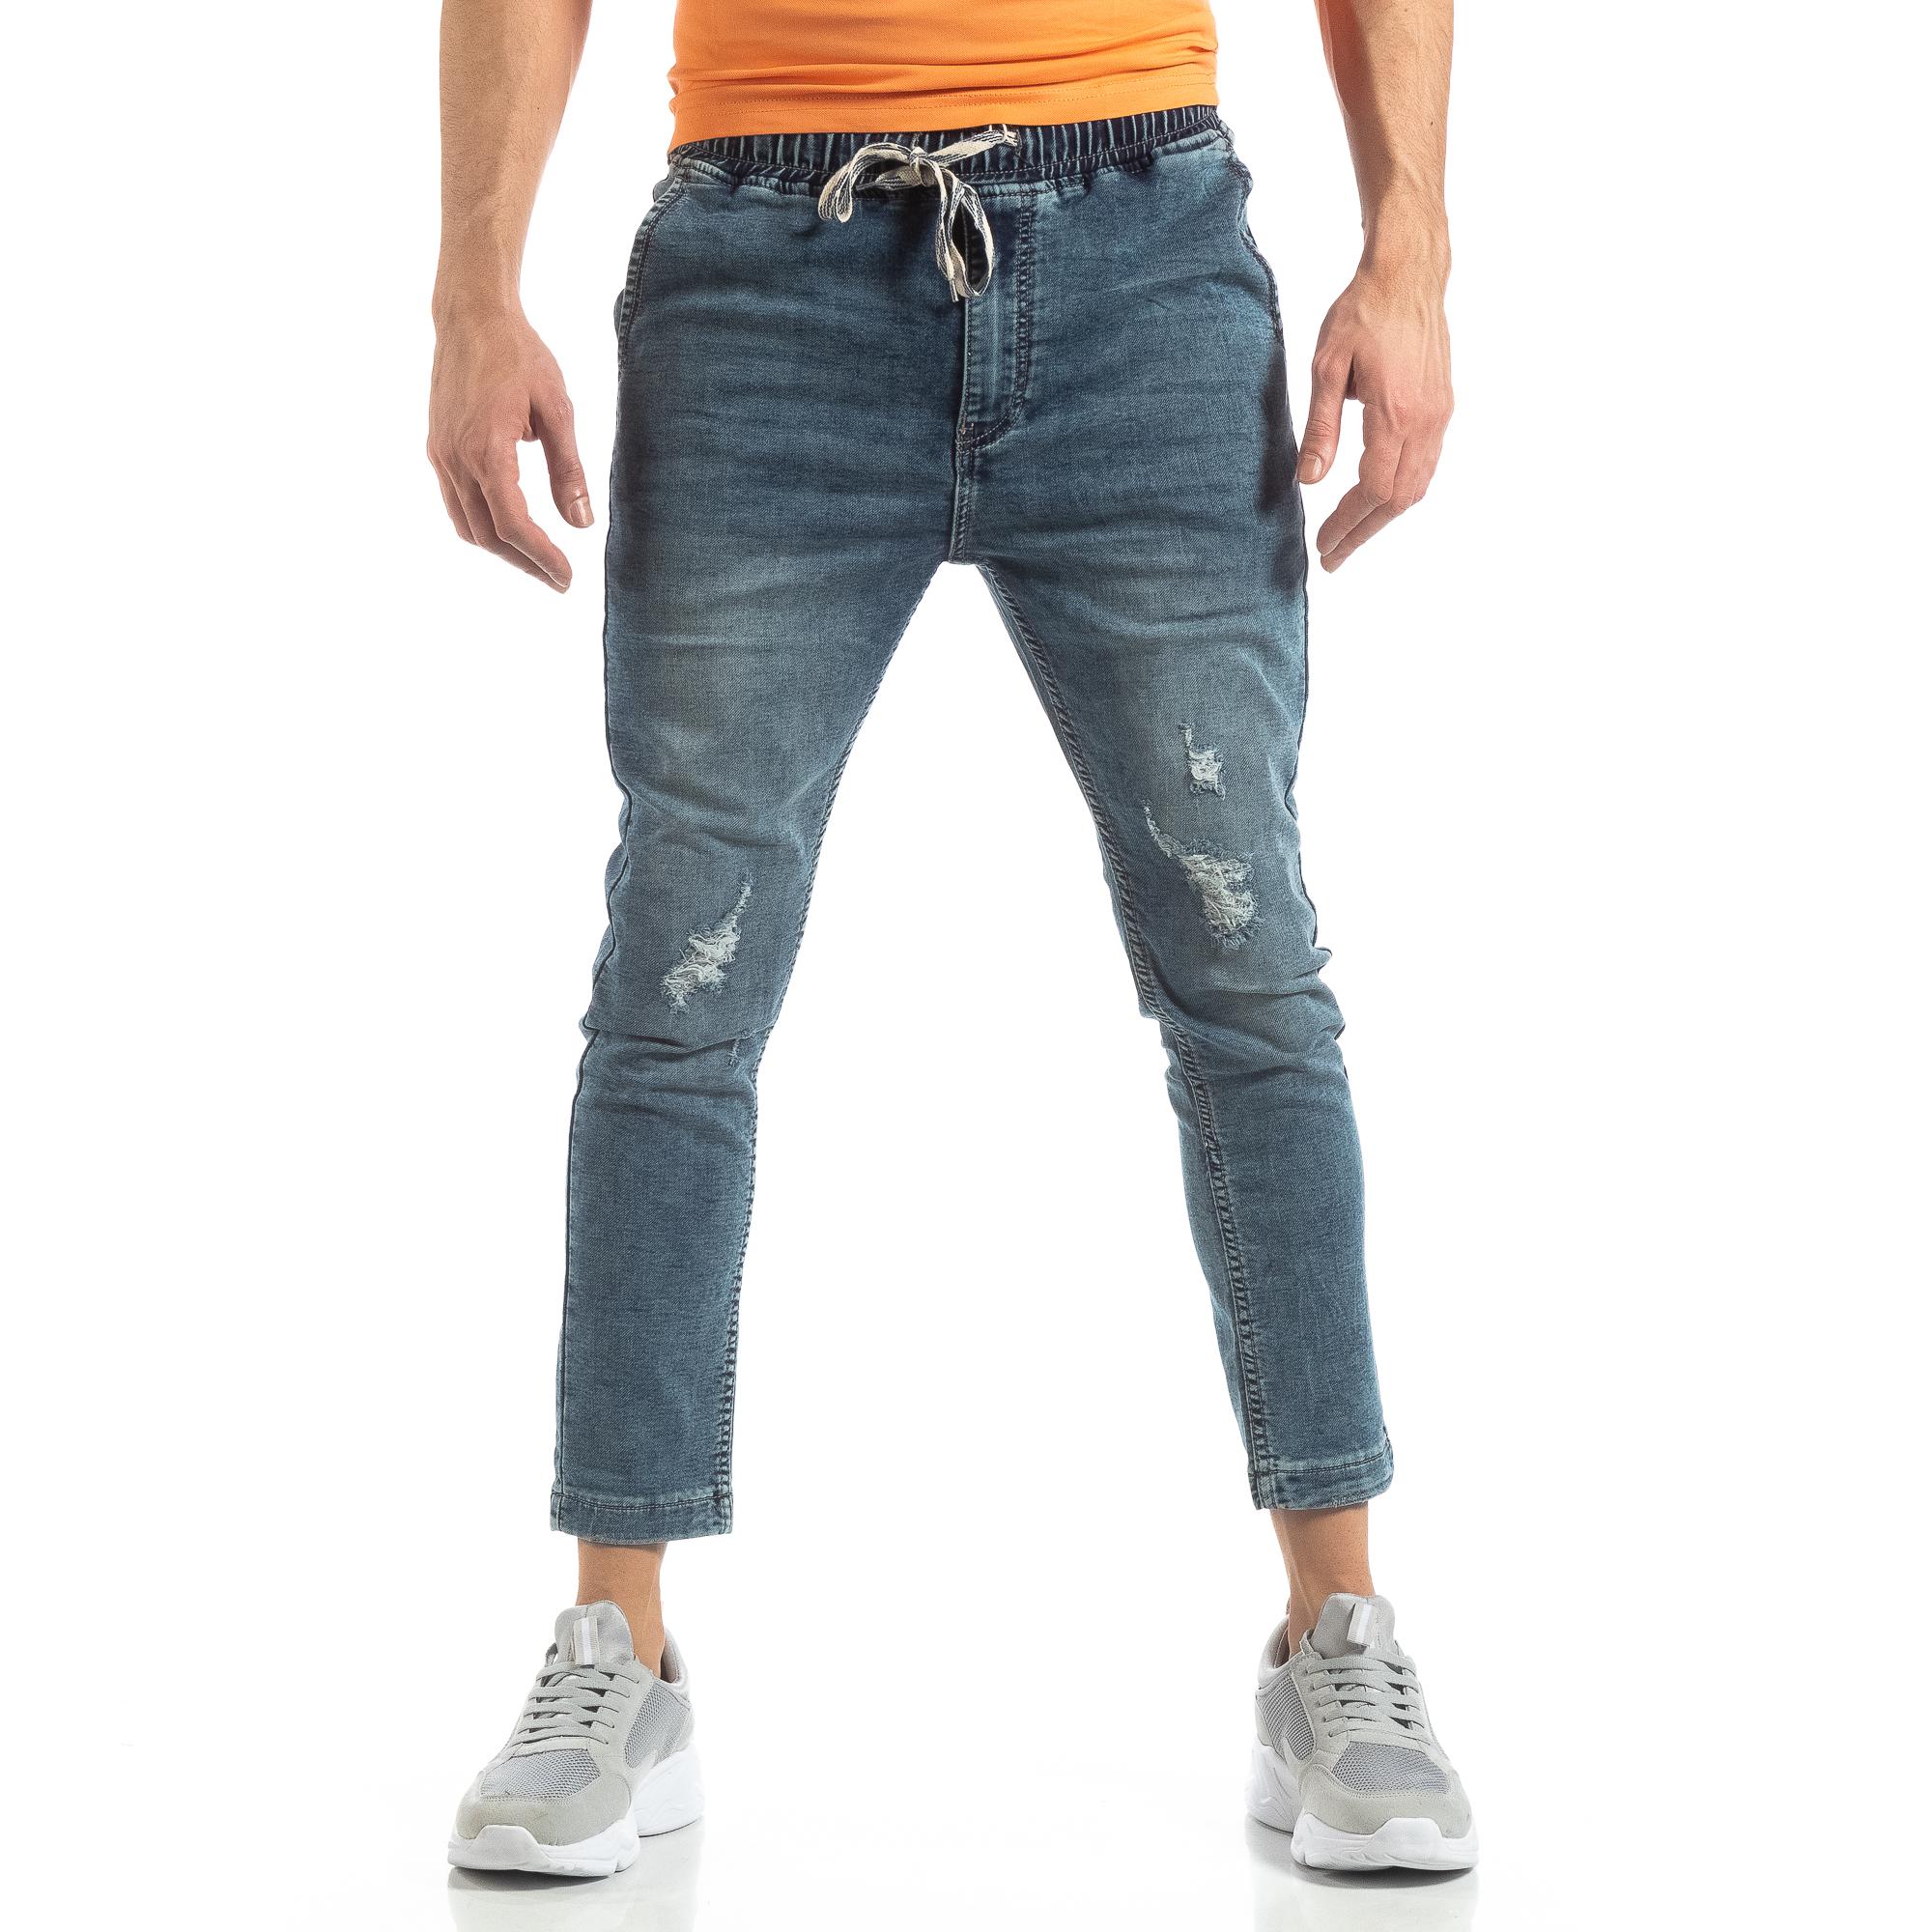 6973f1077d2 Ανδρικά Ρούχα Ανδρικά Τζιν | 2 | priceAsc | oeek.gr